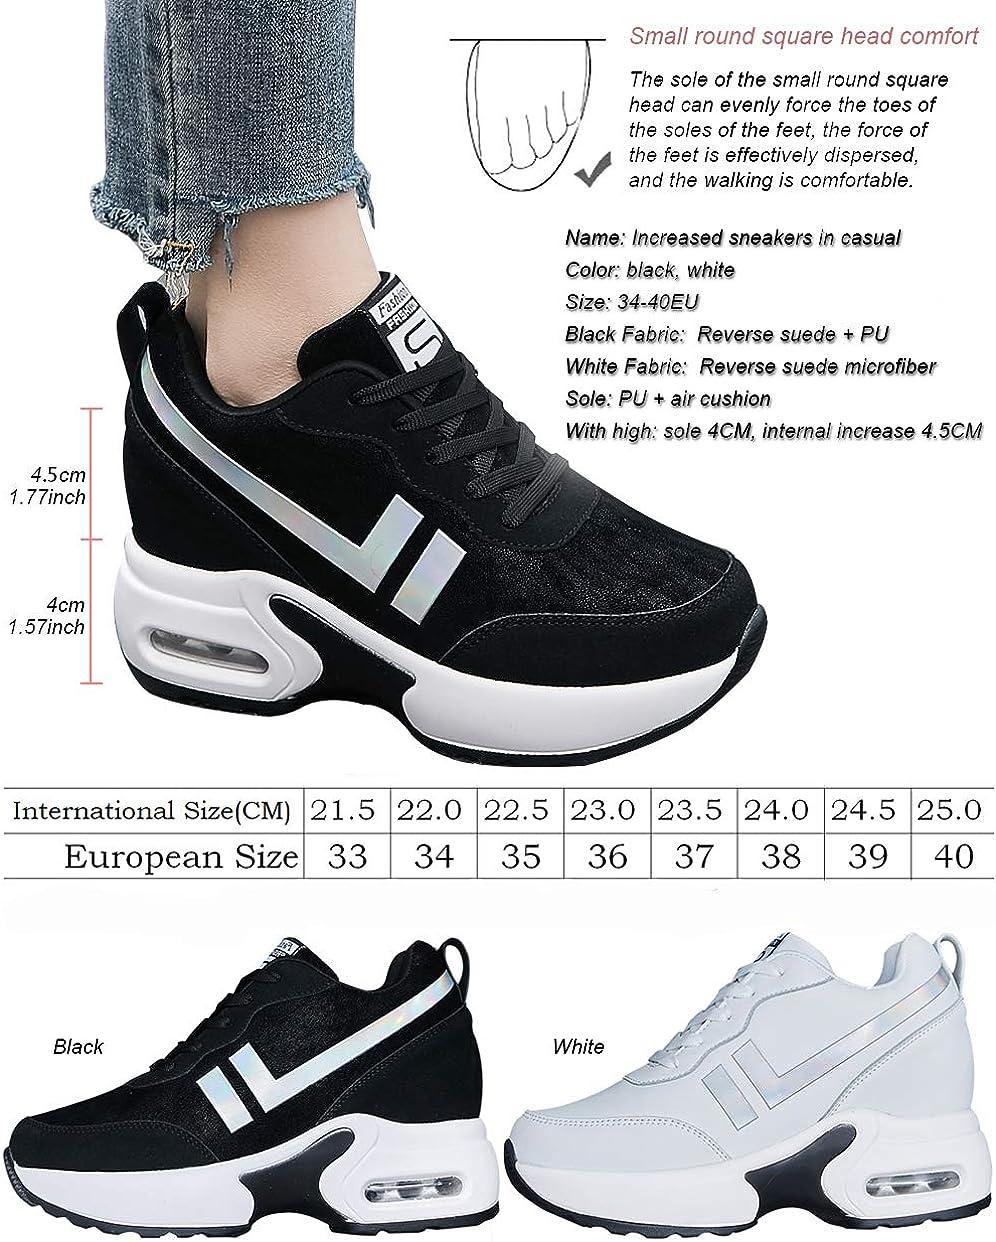 tqgold®Damen Wedges Sneaker Keilabsatz 8cm Sportschuhe Turnschuhe Atmungsaktive Freizeitschuhe Leicht Schwarz Weiß Beige